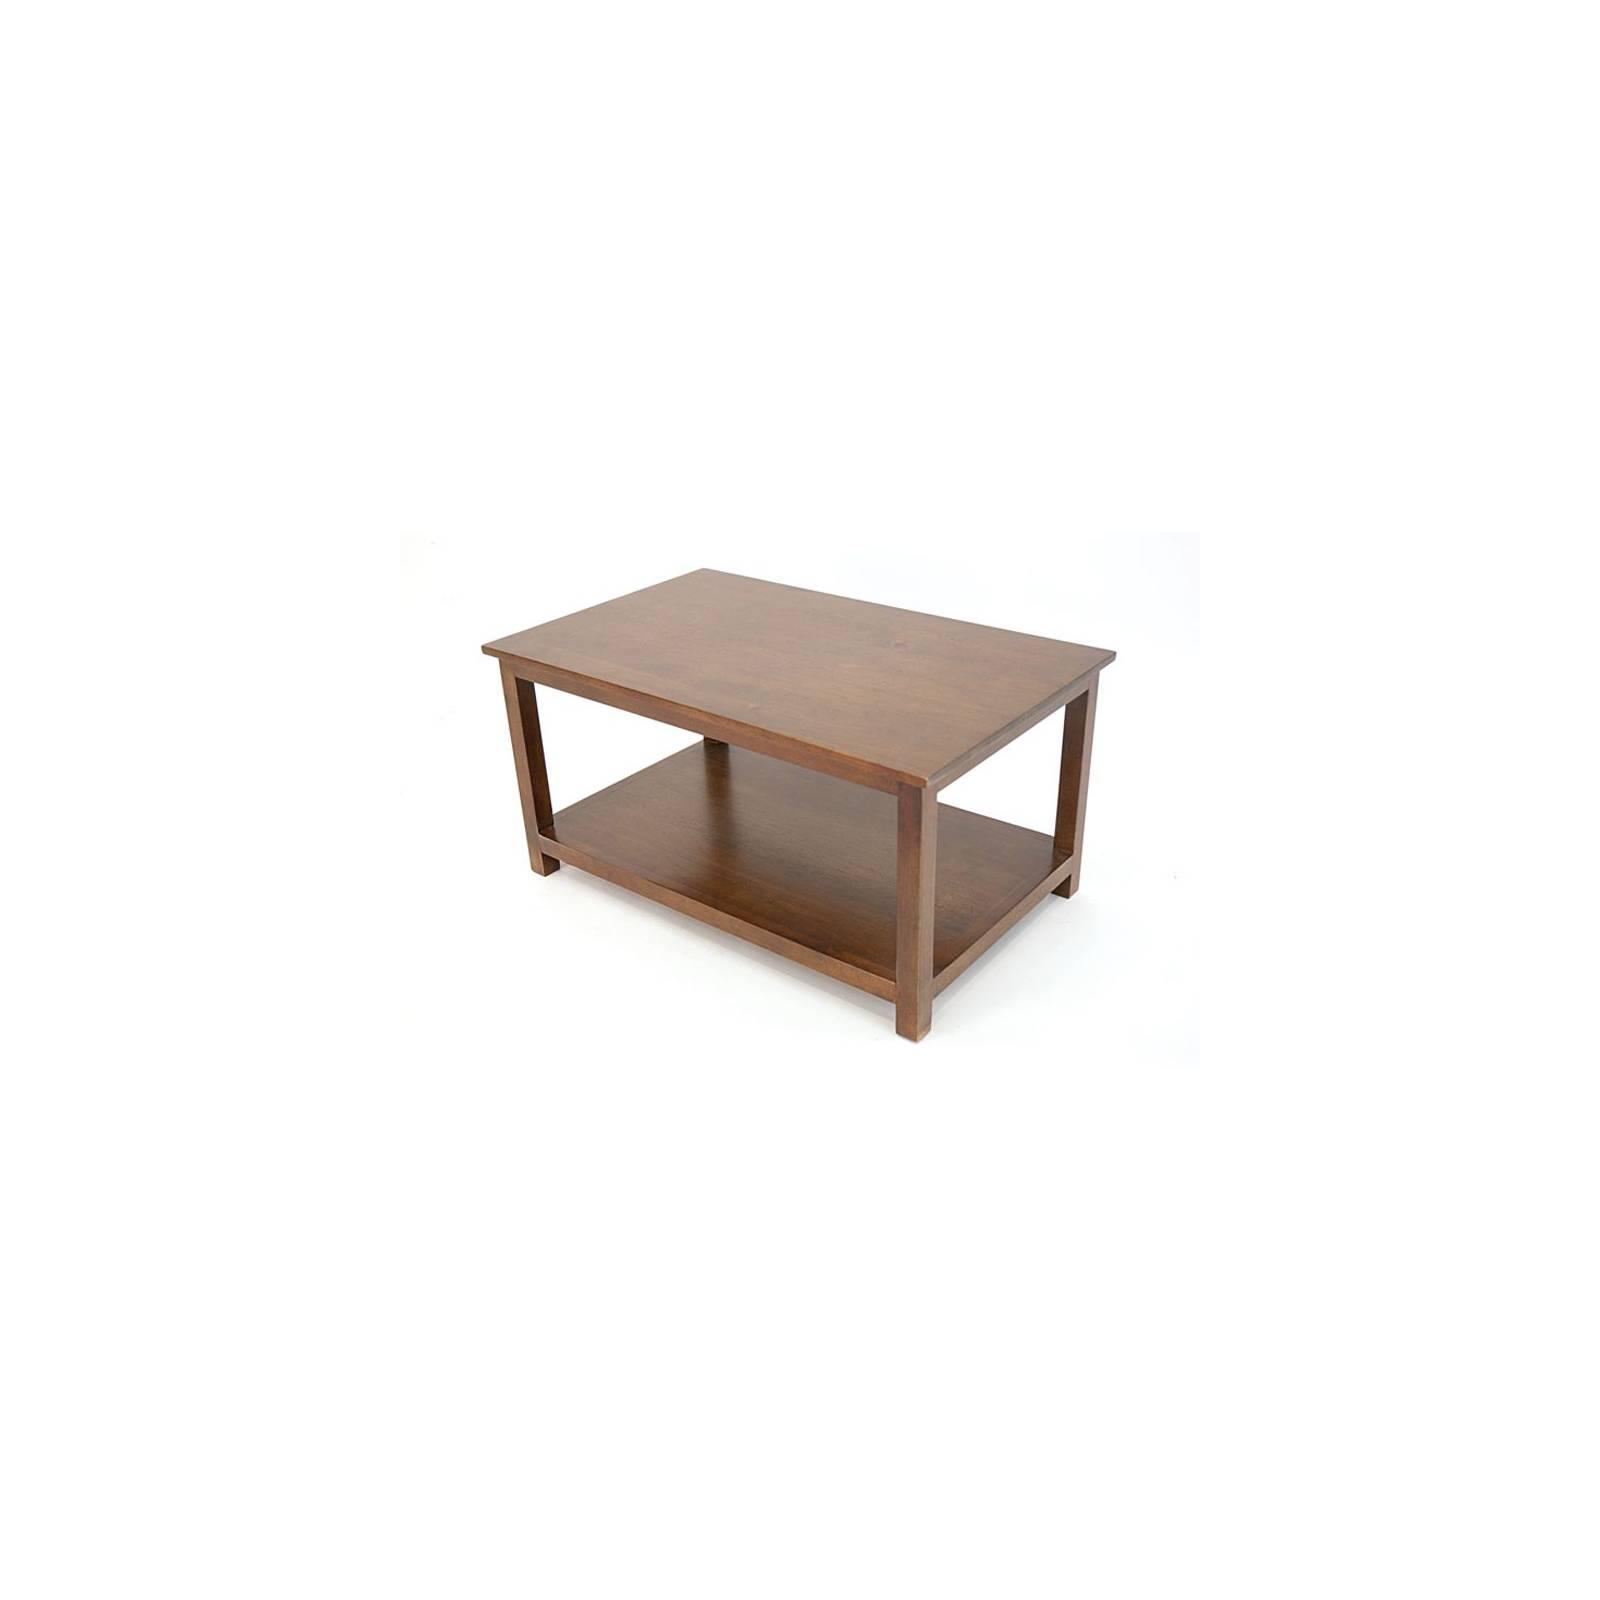 Table Basse Rectangulaire Tradition Hévéa - meuble style classique